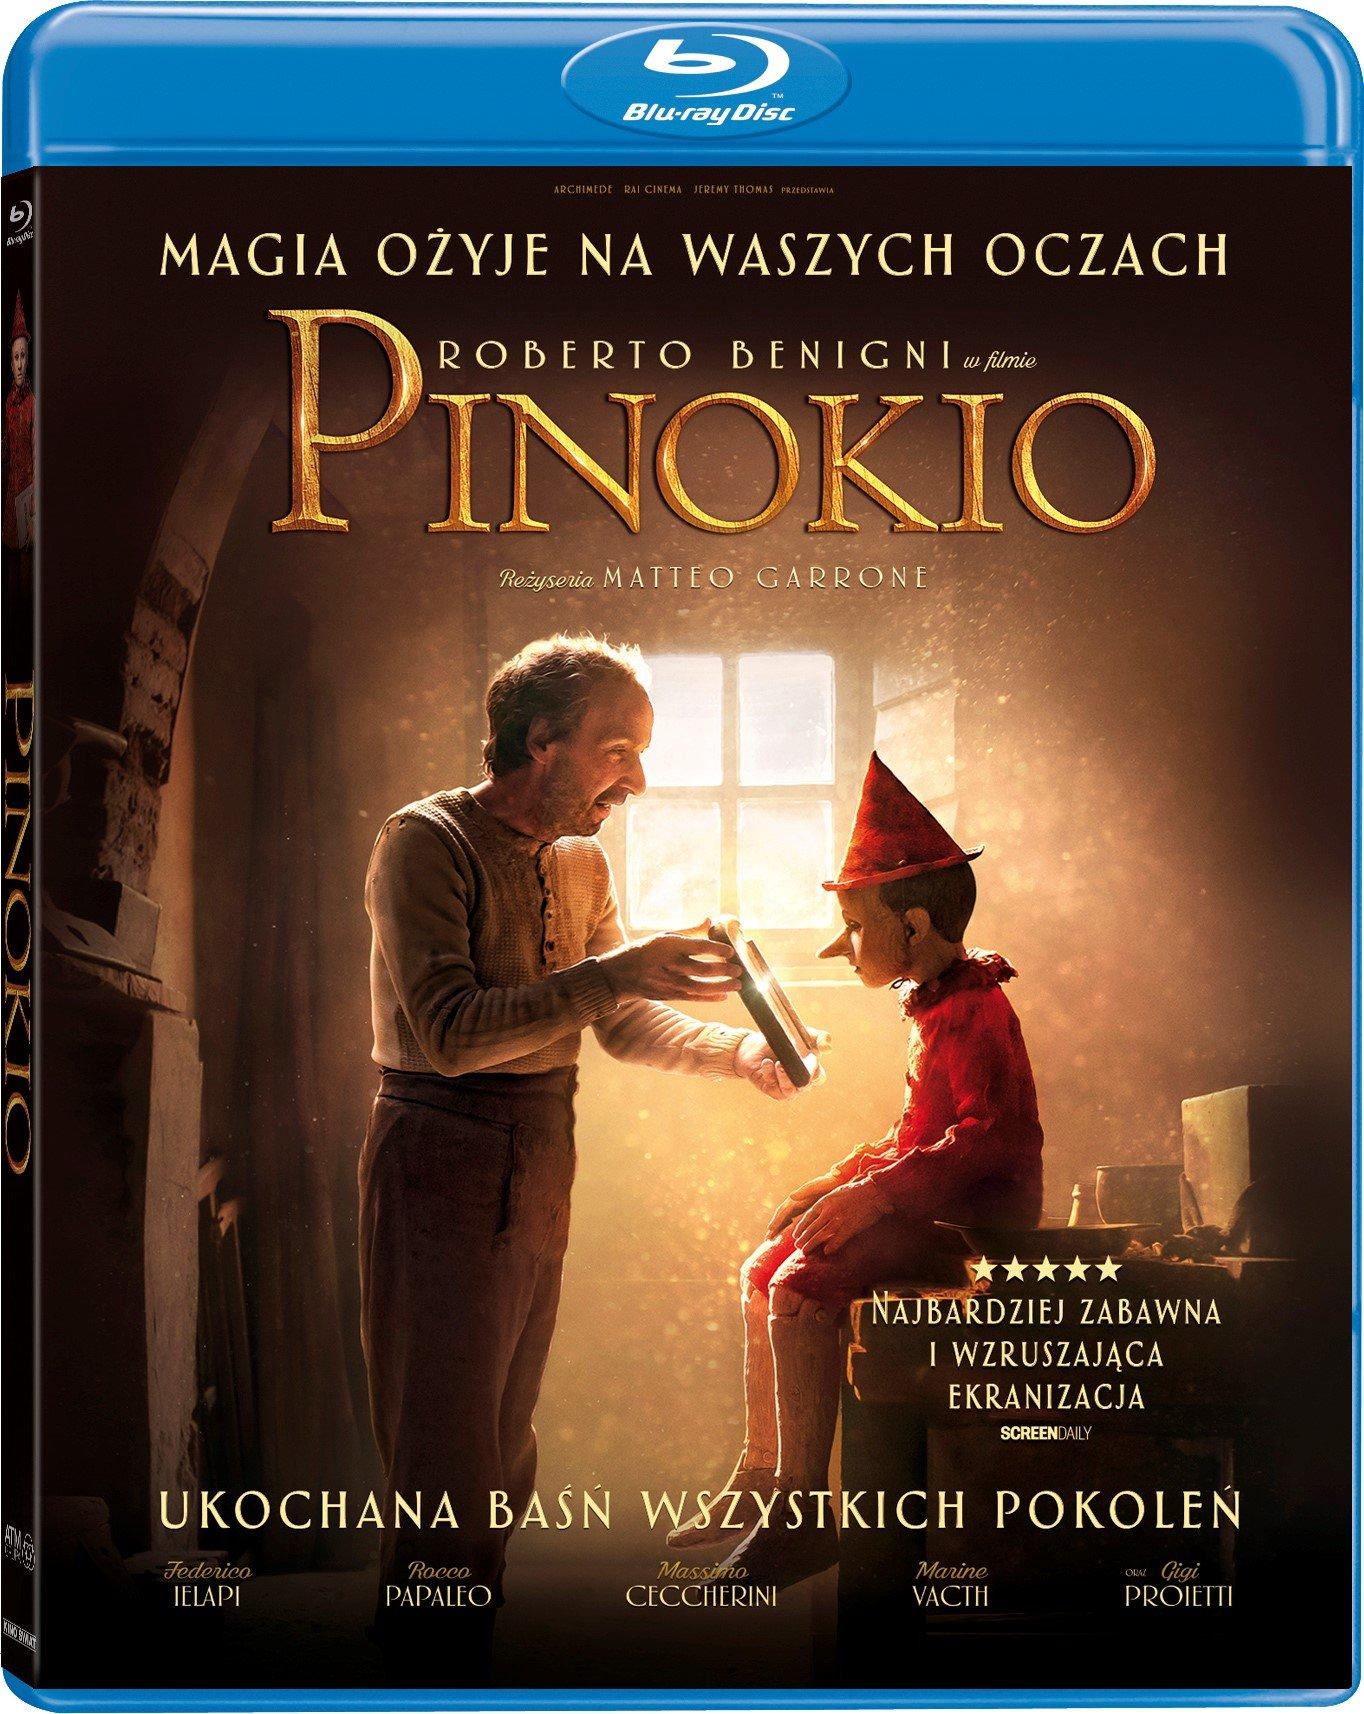 Pinokio - pełna przygód, mądrości i humoru najnowsza ekranizacja już na DVD i Blu-Ray